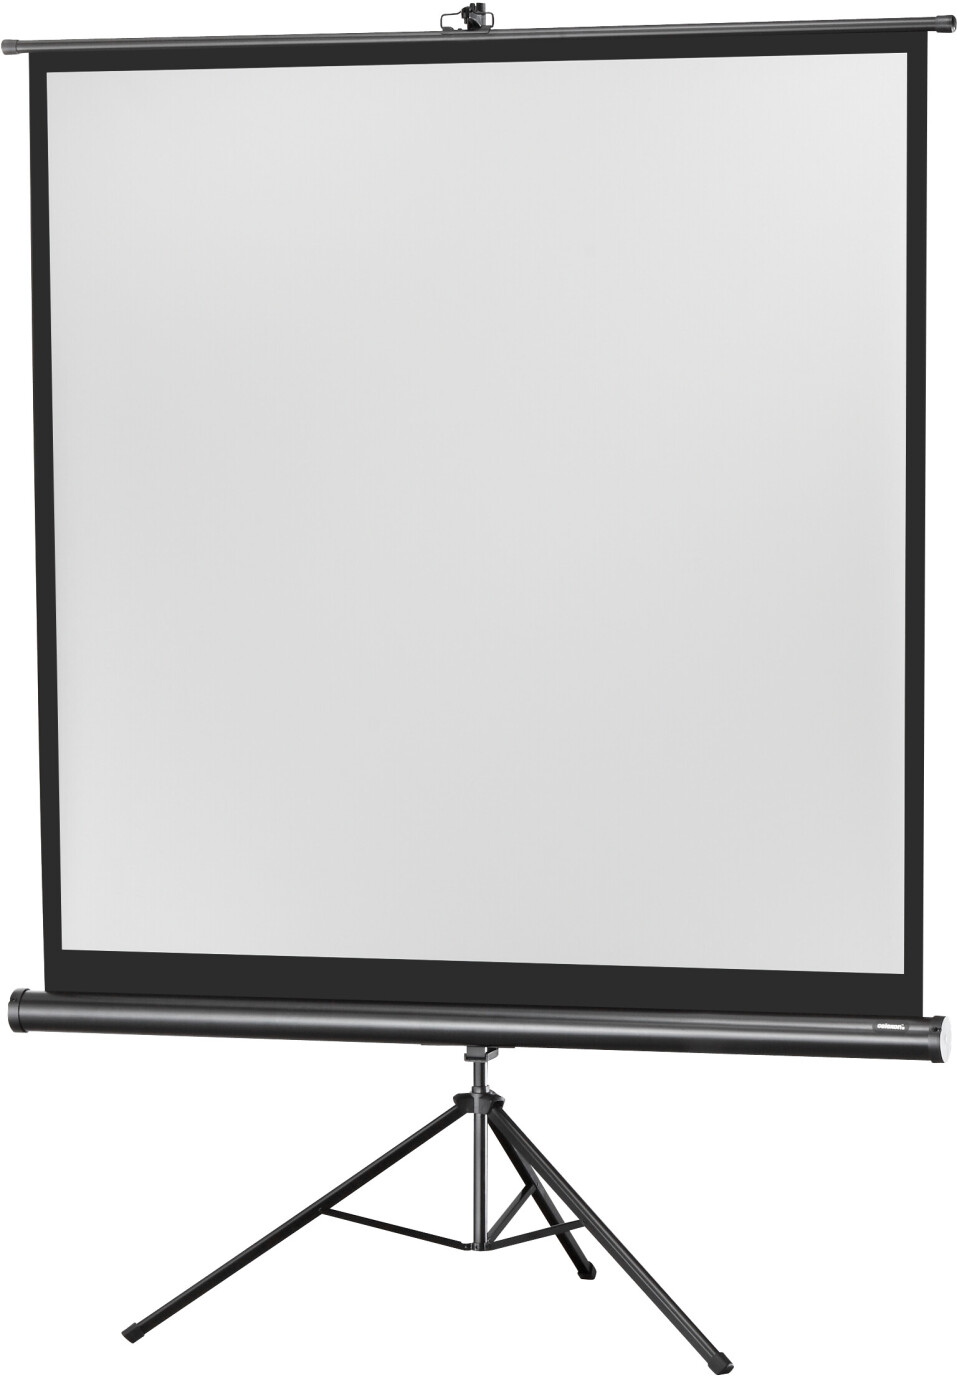 Pantalla proyeccion tripode Basica de celexon 184 x 184 cm